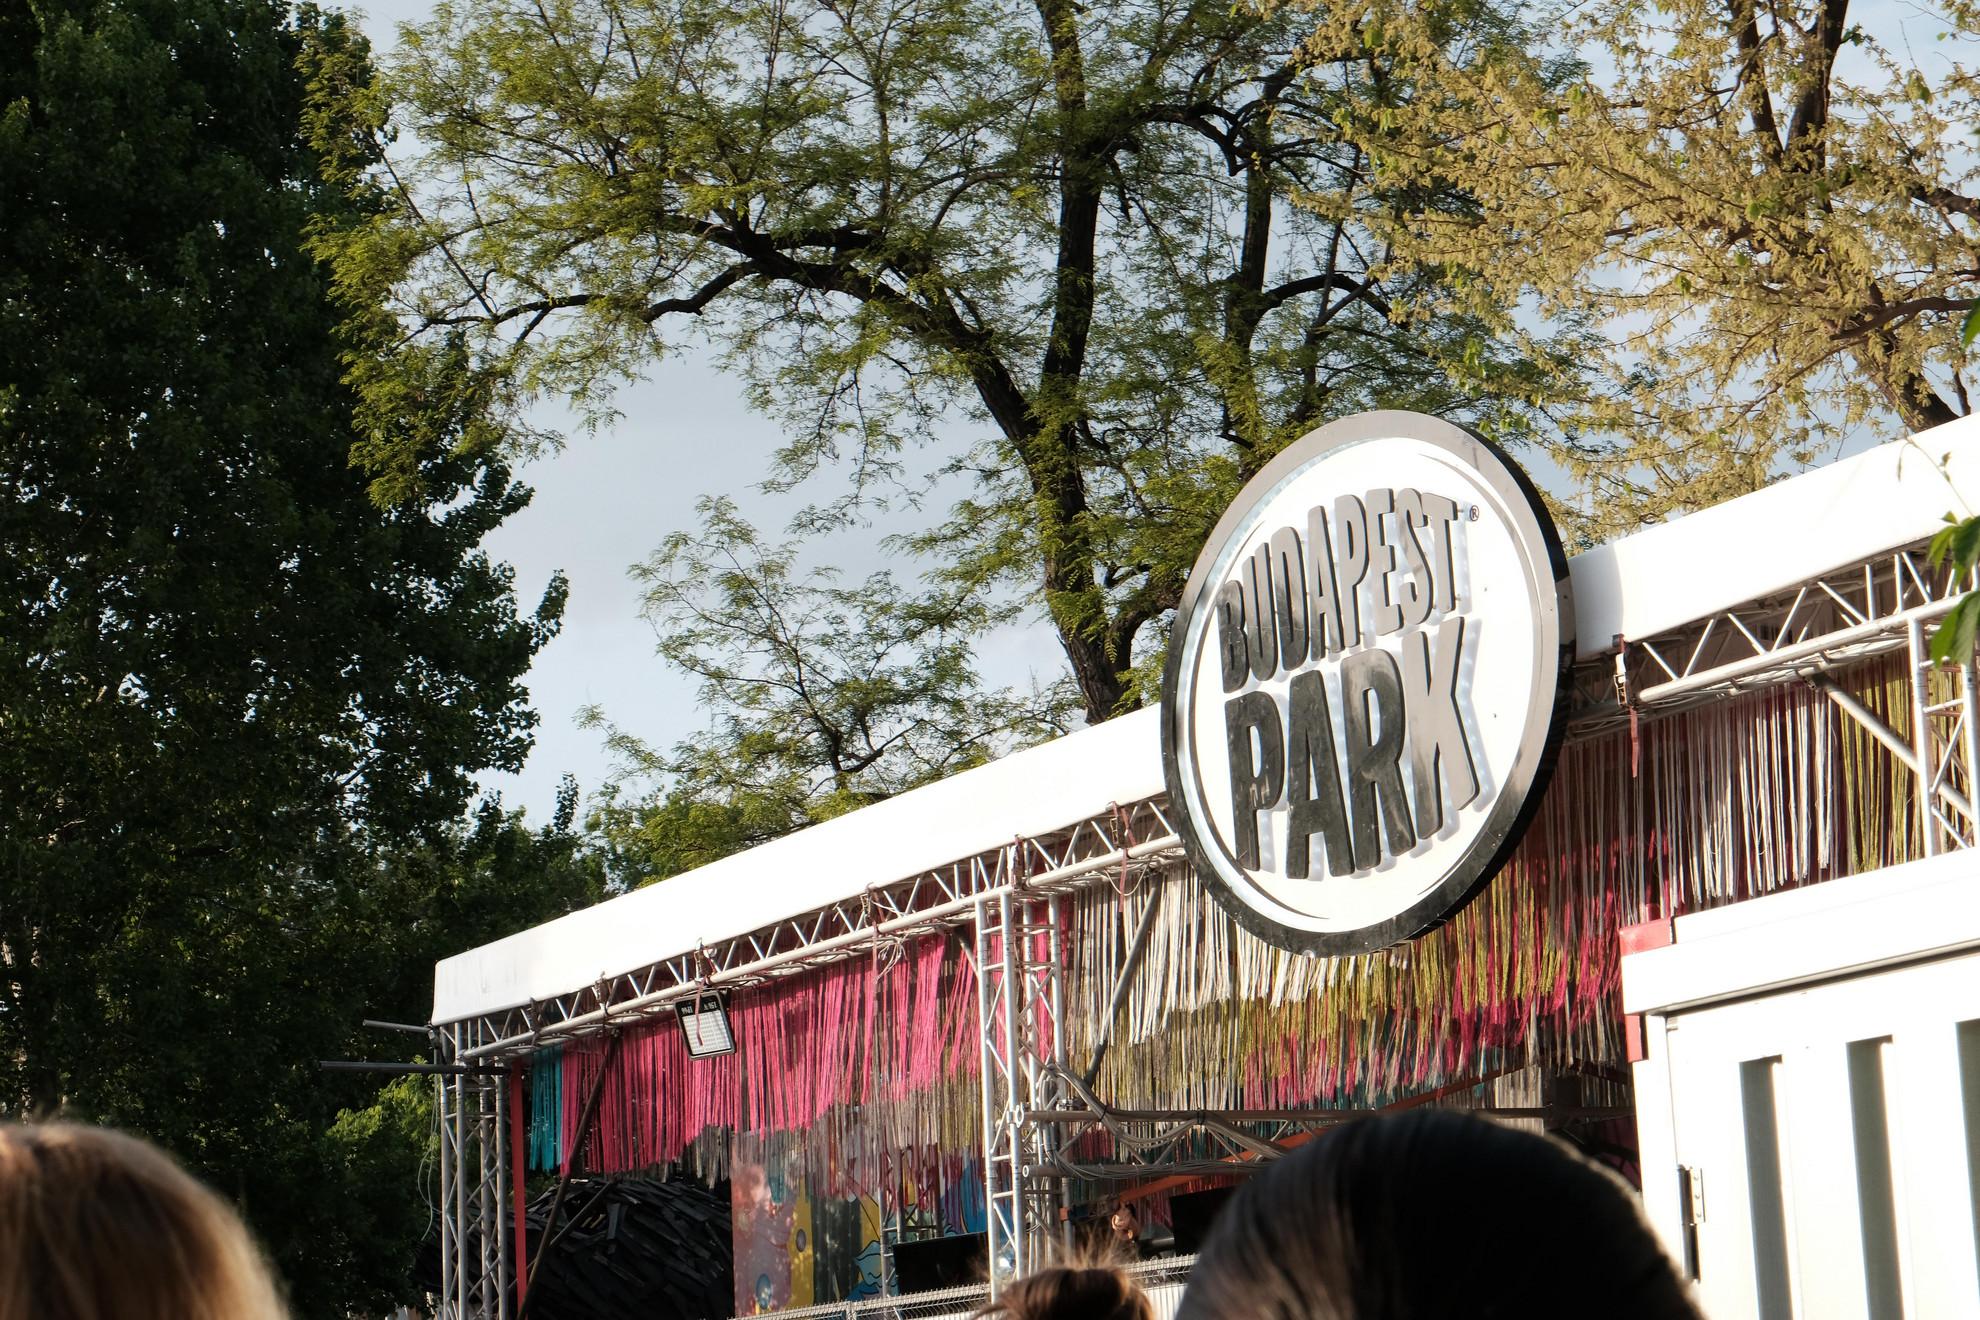 Kinyitott Magyarország egyik legegyedibb zenei helyszíne; a Budapest Park, amely idén is vadonatúj arculattal, friss helyszínekkel és megannyi hazai- és világsztár koncertjével vág neki a nyárnak